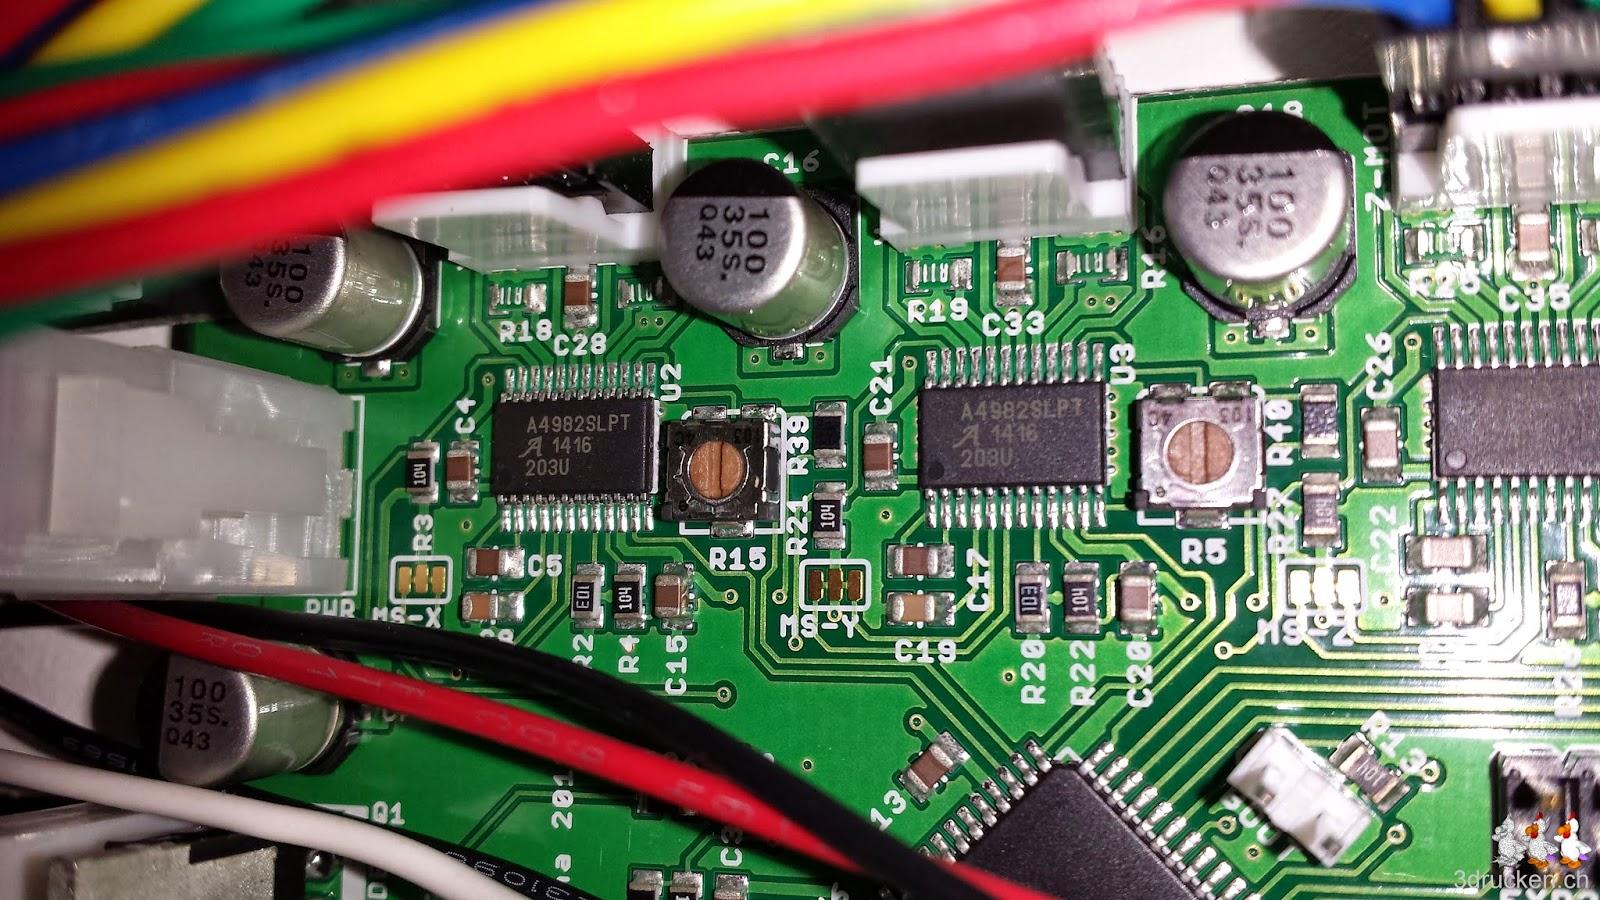 Foto der Sektion für die Motorsteuerung auf dem Board des Printrbot Simple Metal in Detailaufnahme